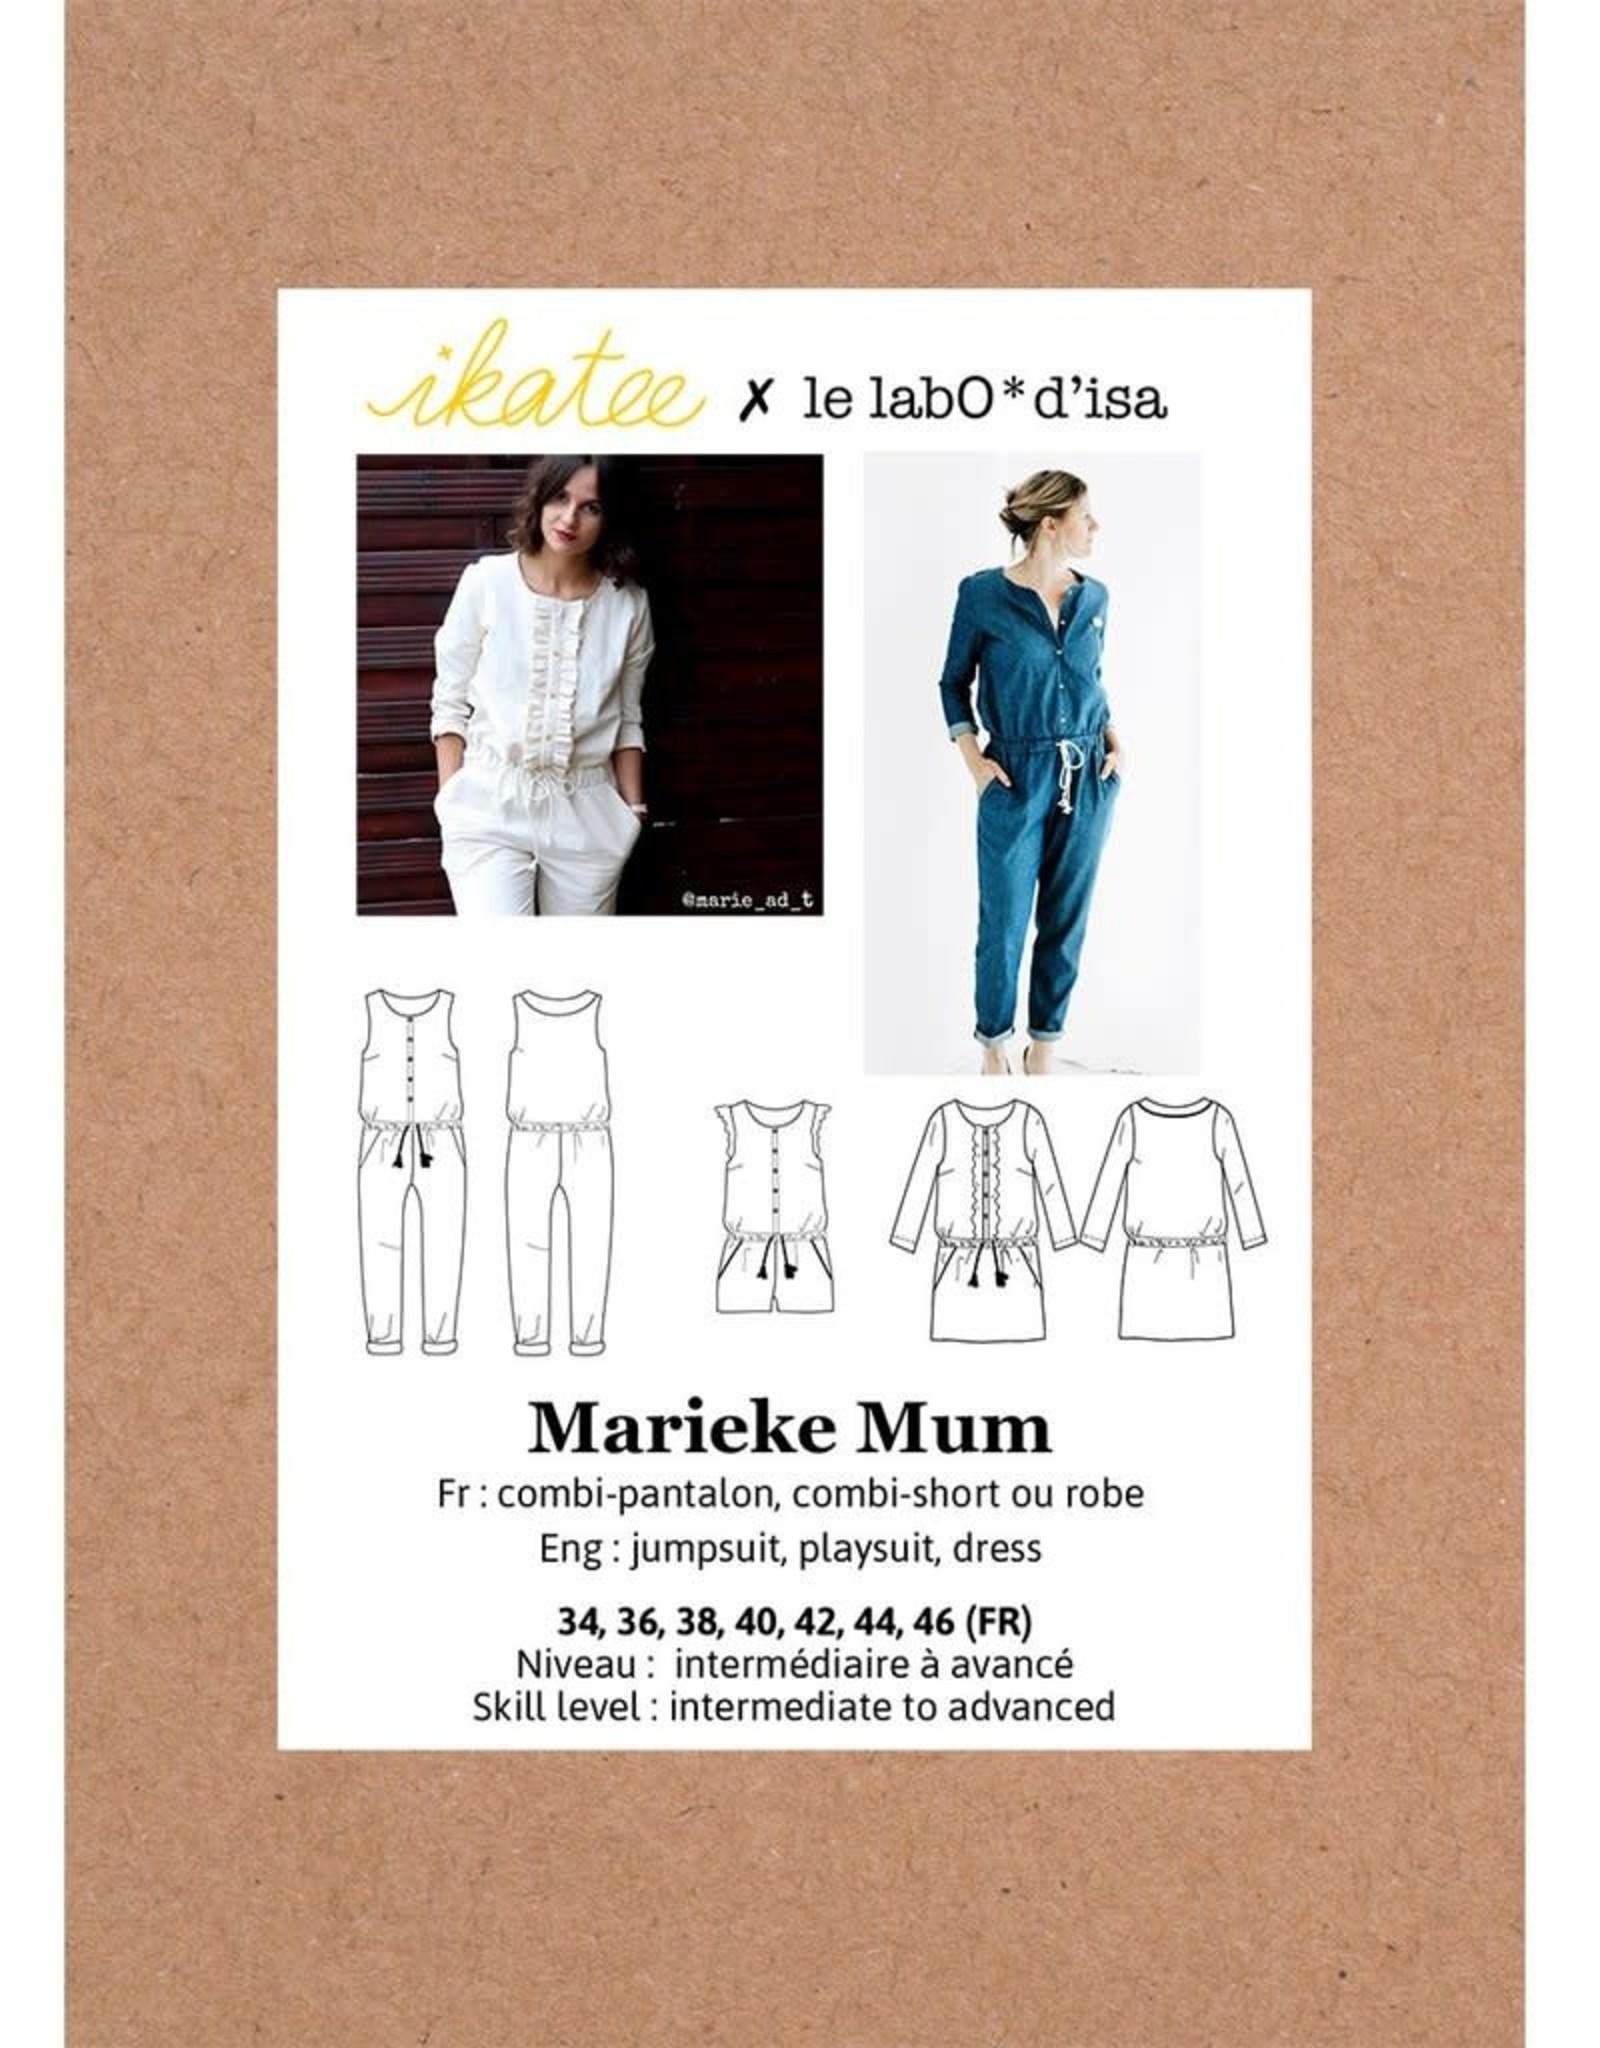 Ikatee Marieke mum jumpsuit, playsuit and dress